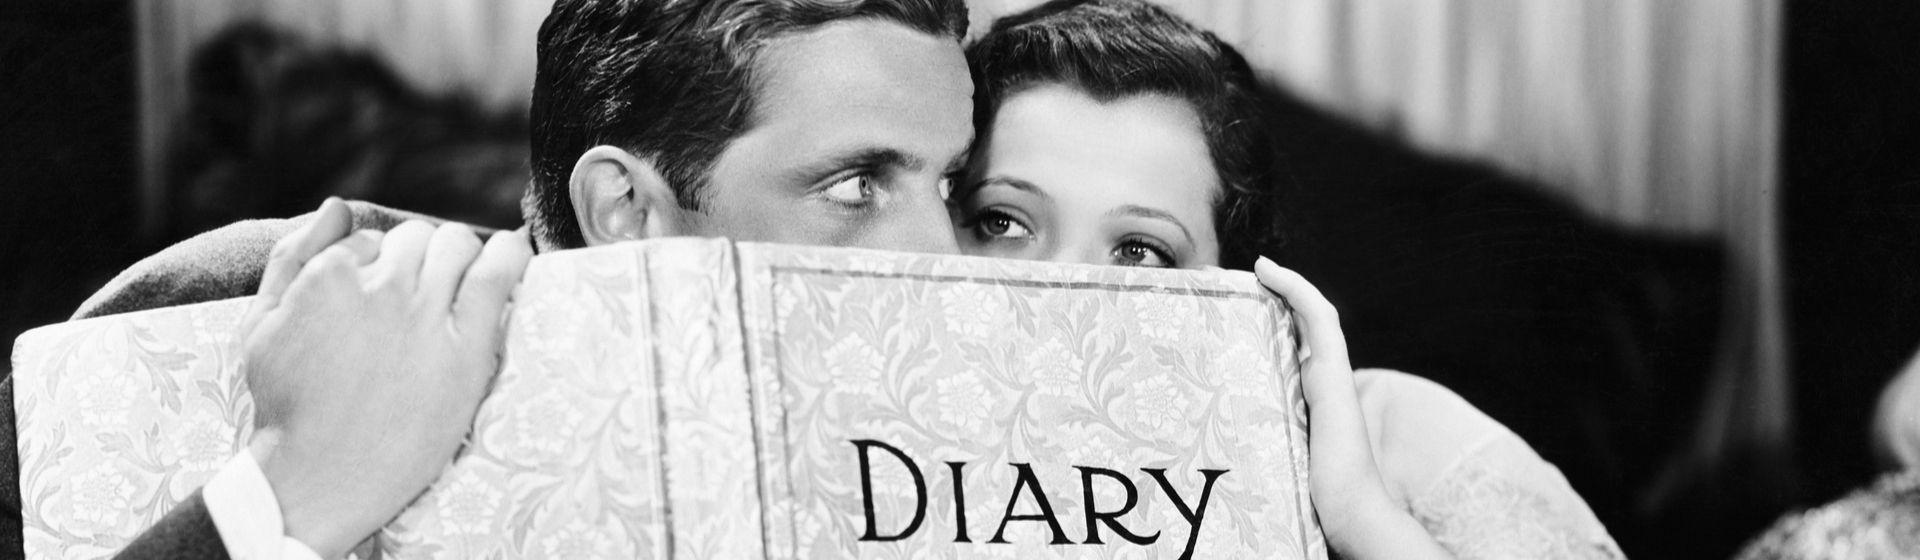 Melhores Livros de Romance: juvenis e clássicos para todas as estantes